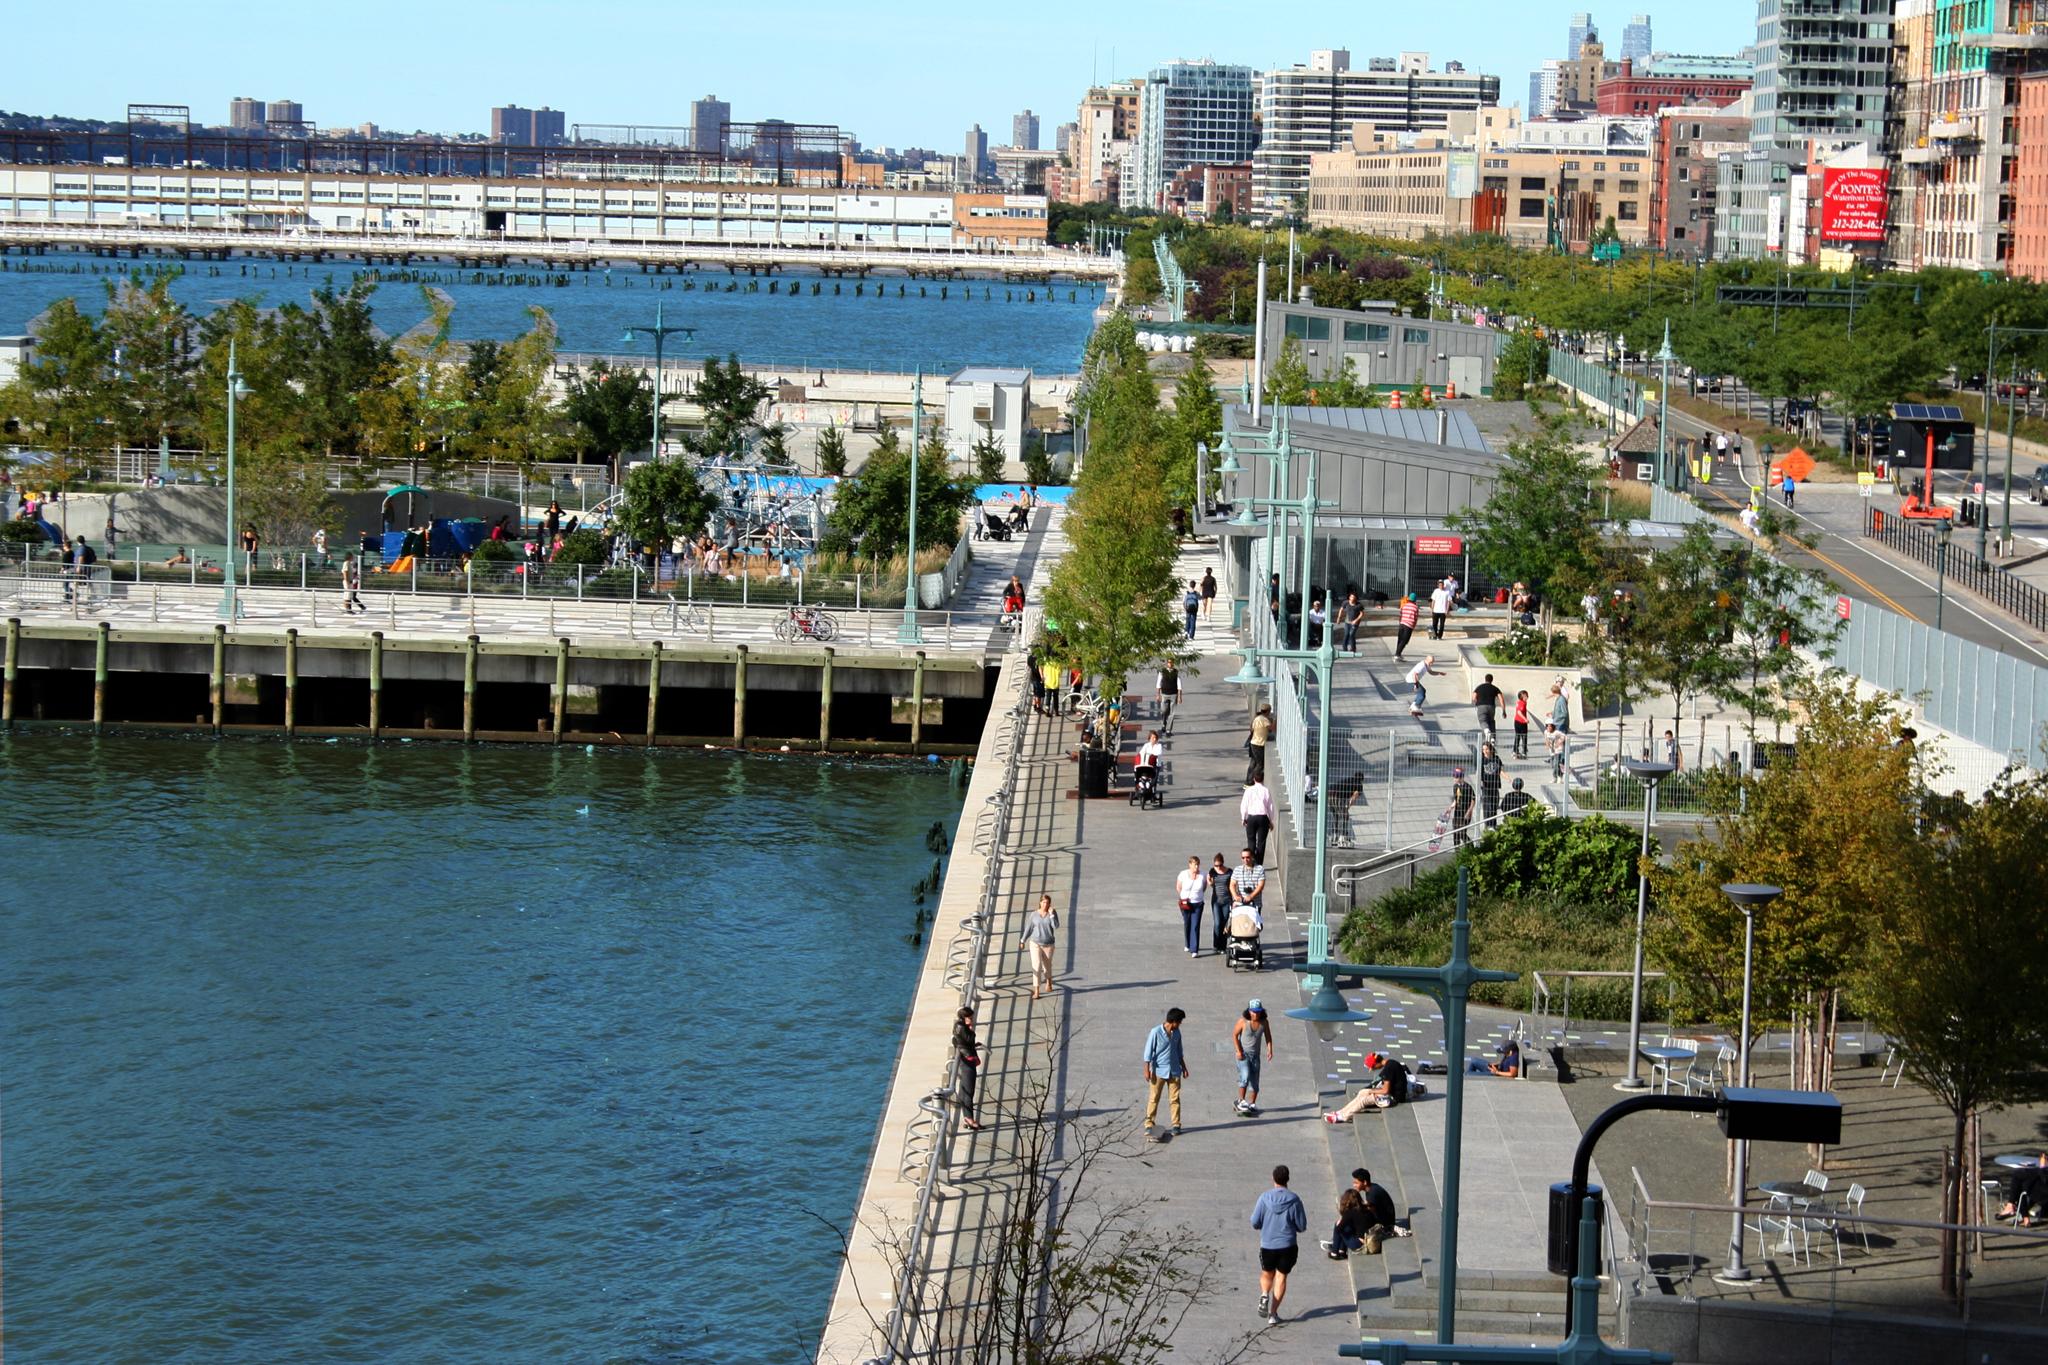 Hudson River Park at Pier 25